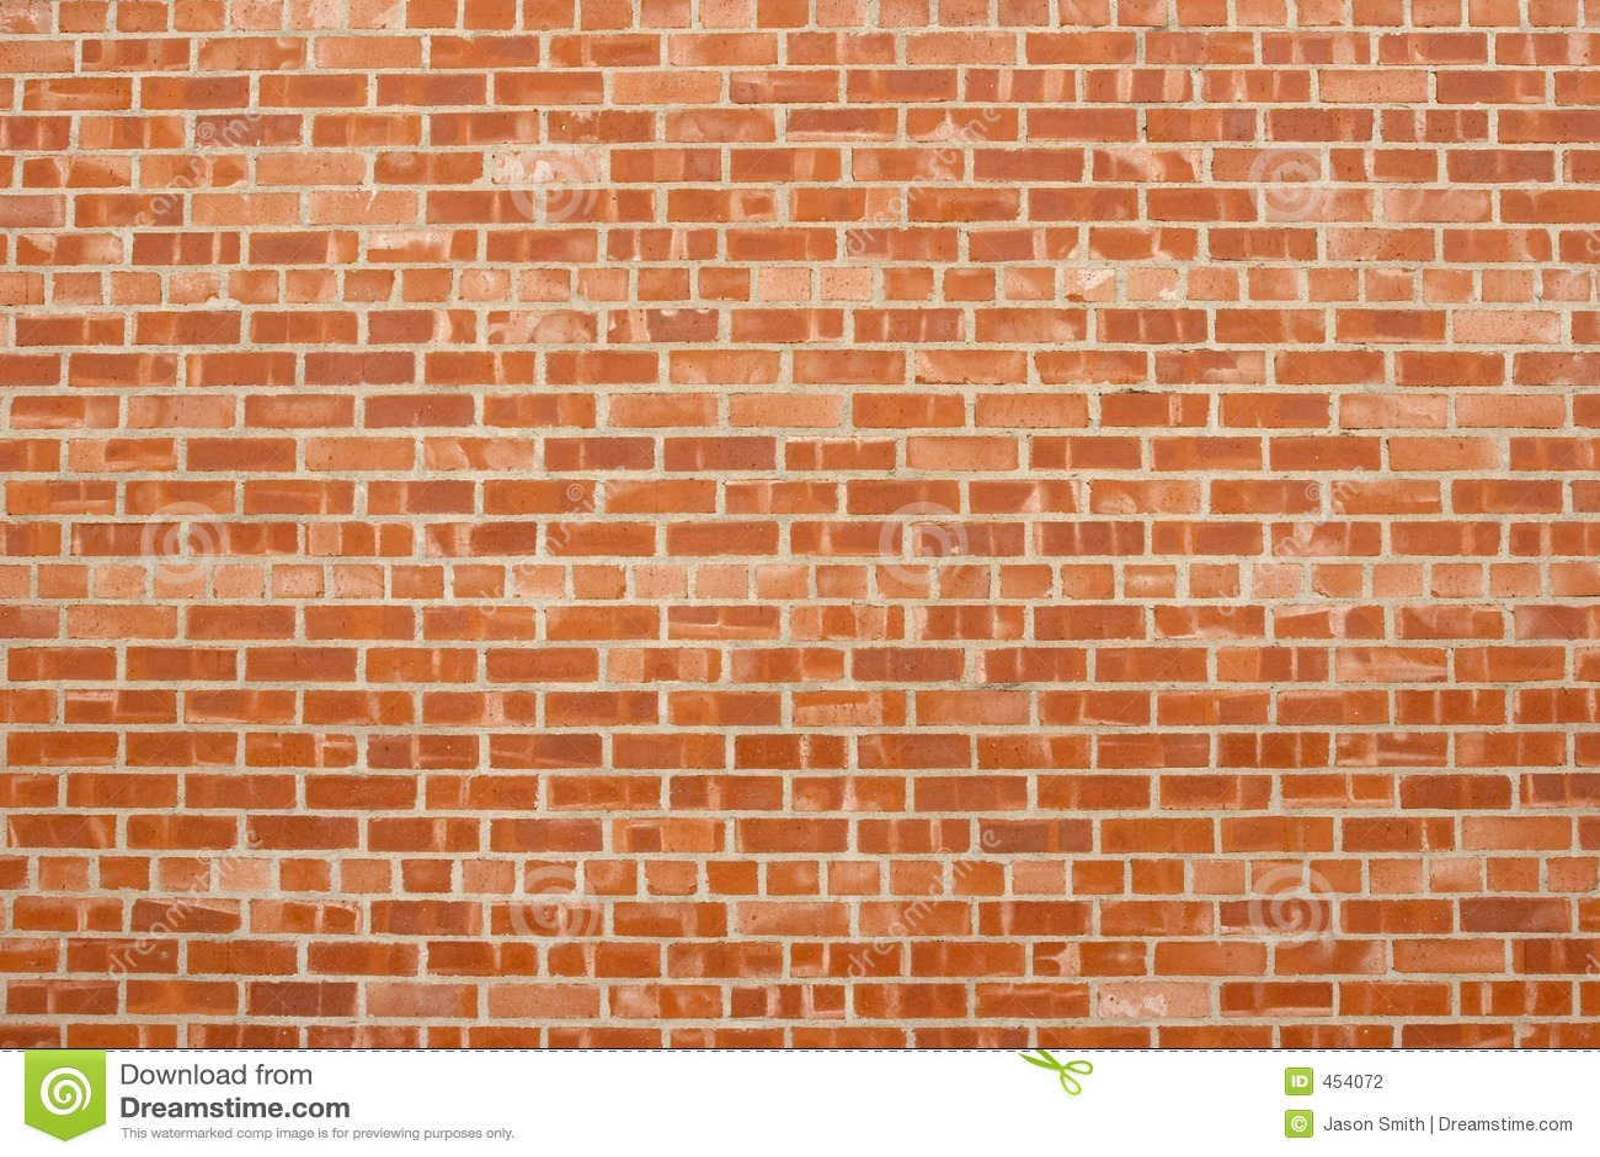 Muro di mattoni fotografia stock immagine 454072 for Disegni di garage di mattoni